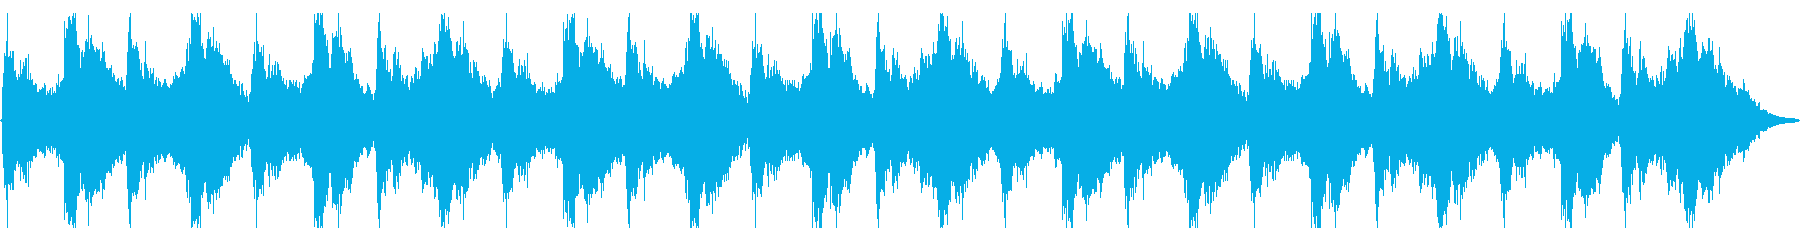 不安定なバイオリンの不穏なBGMの再生済みの波形